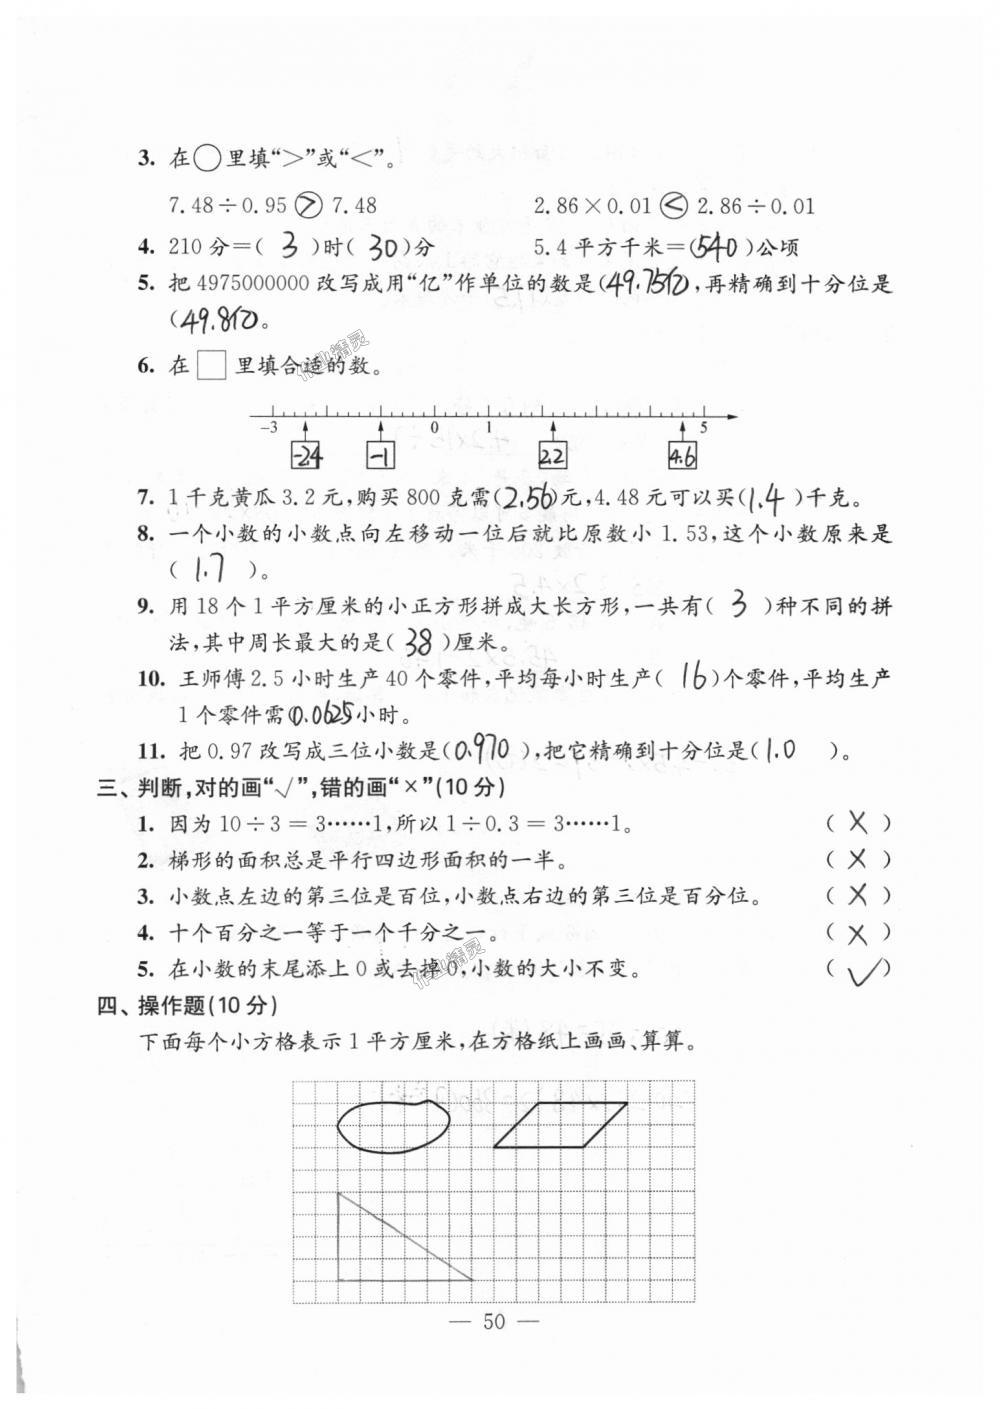 2018年练习与测试检测卷五年级数学上册苏教版第50页